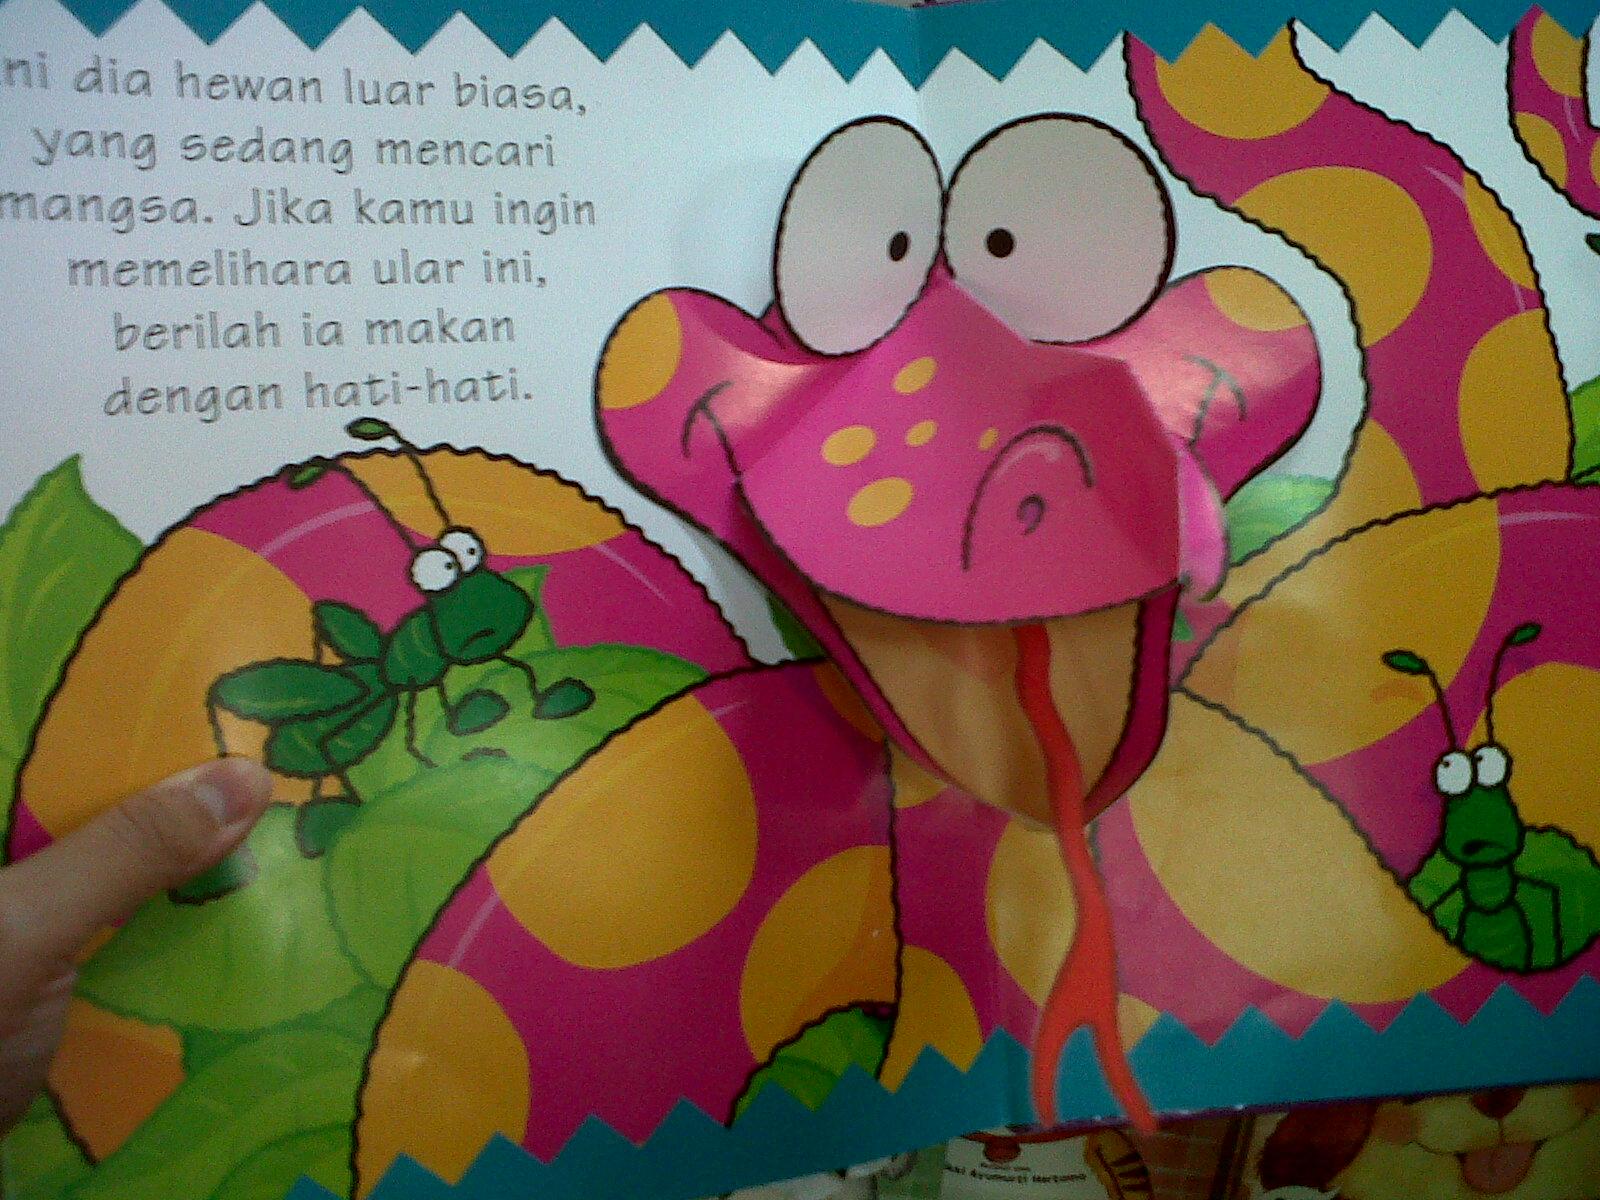 おげんきですか Minna D Anak Media Buku Hewan Peliharaan